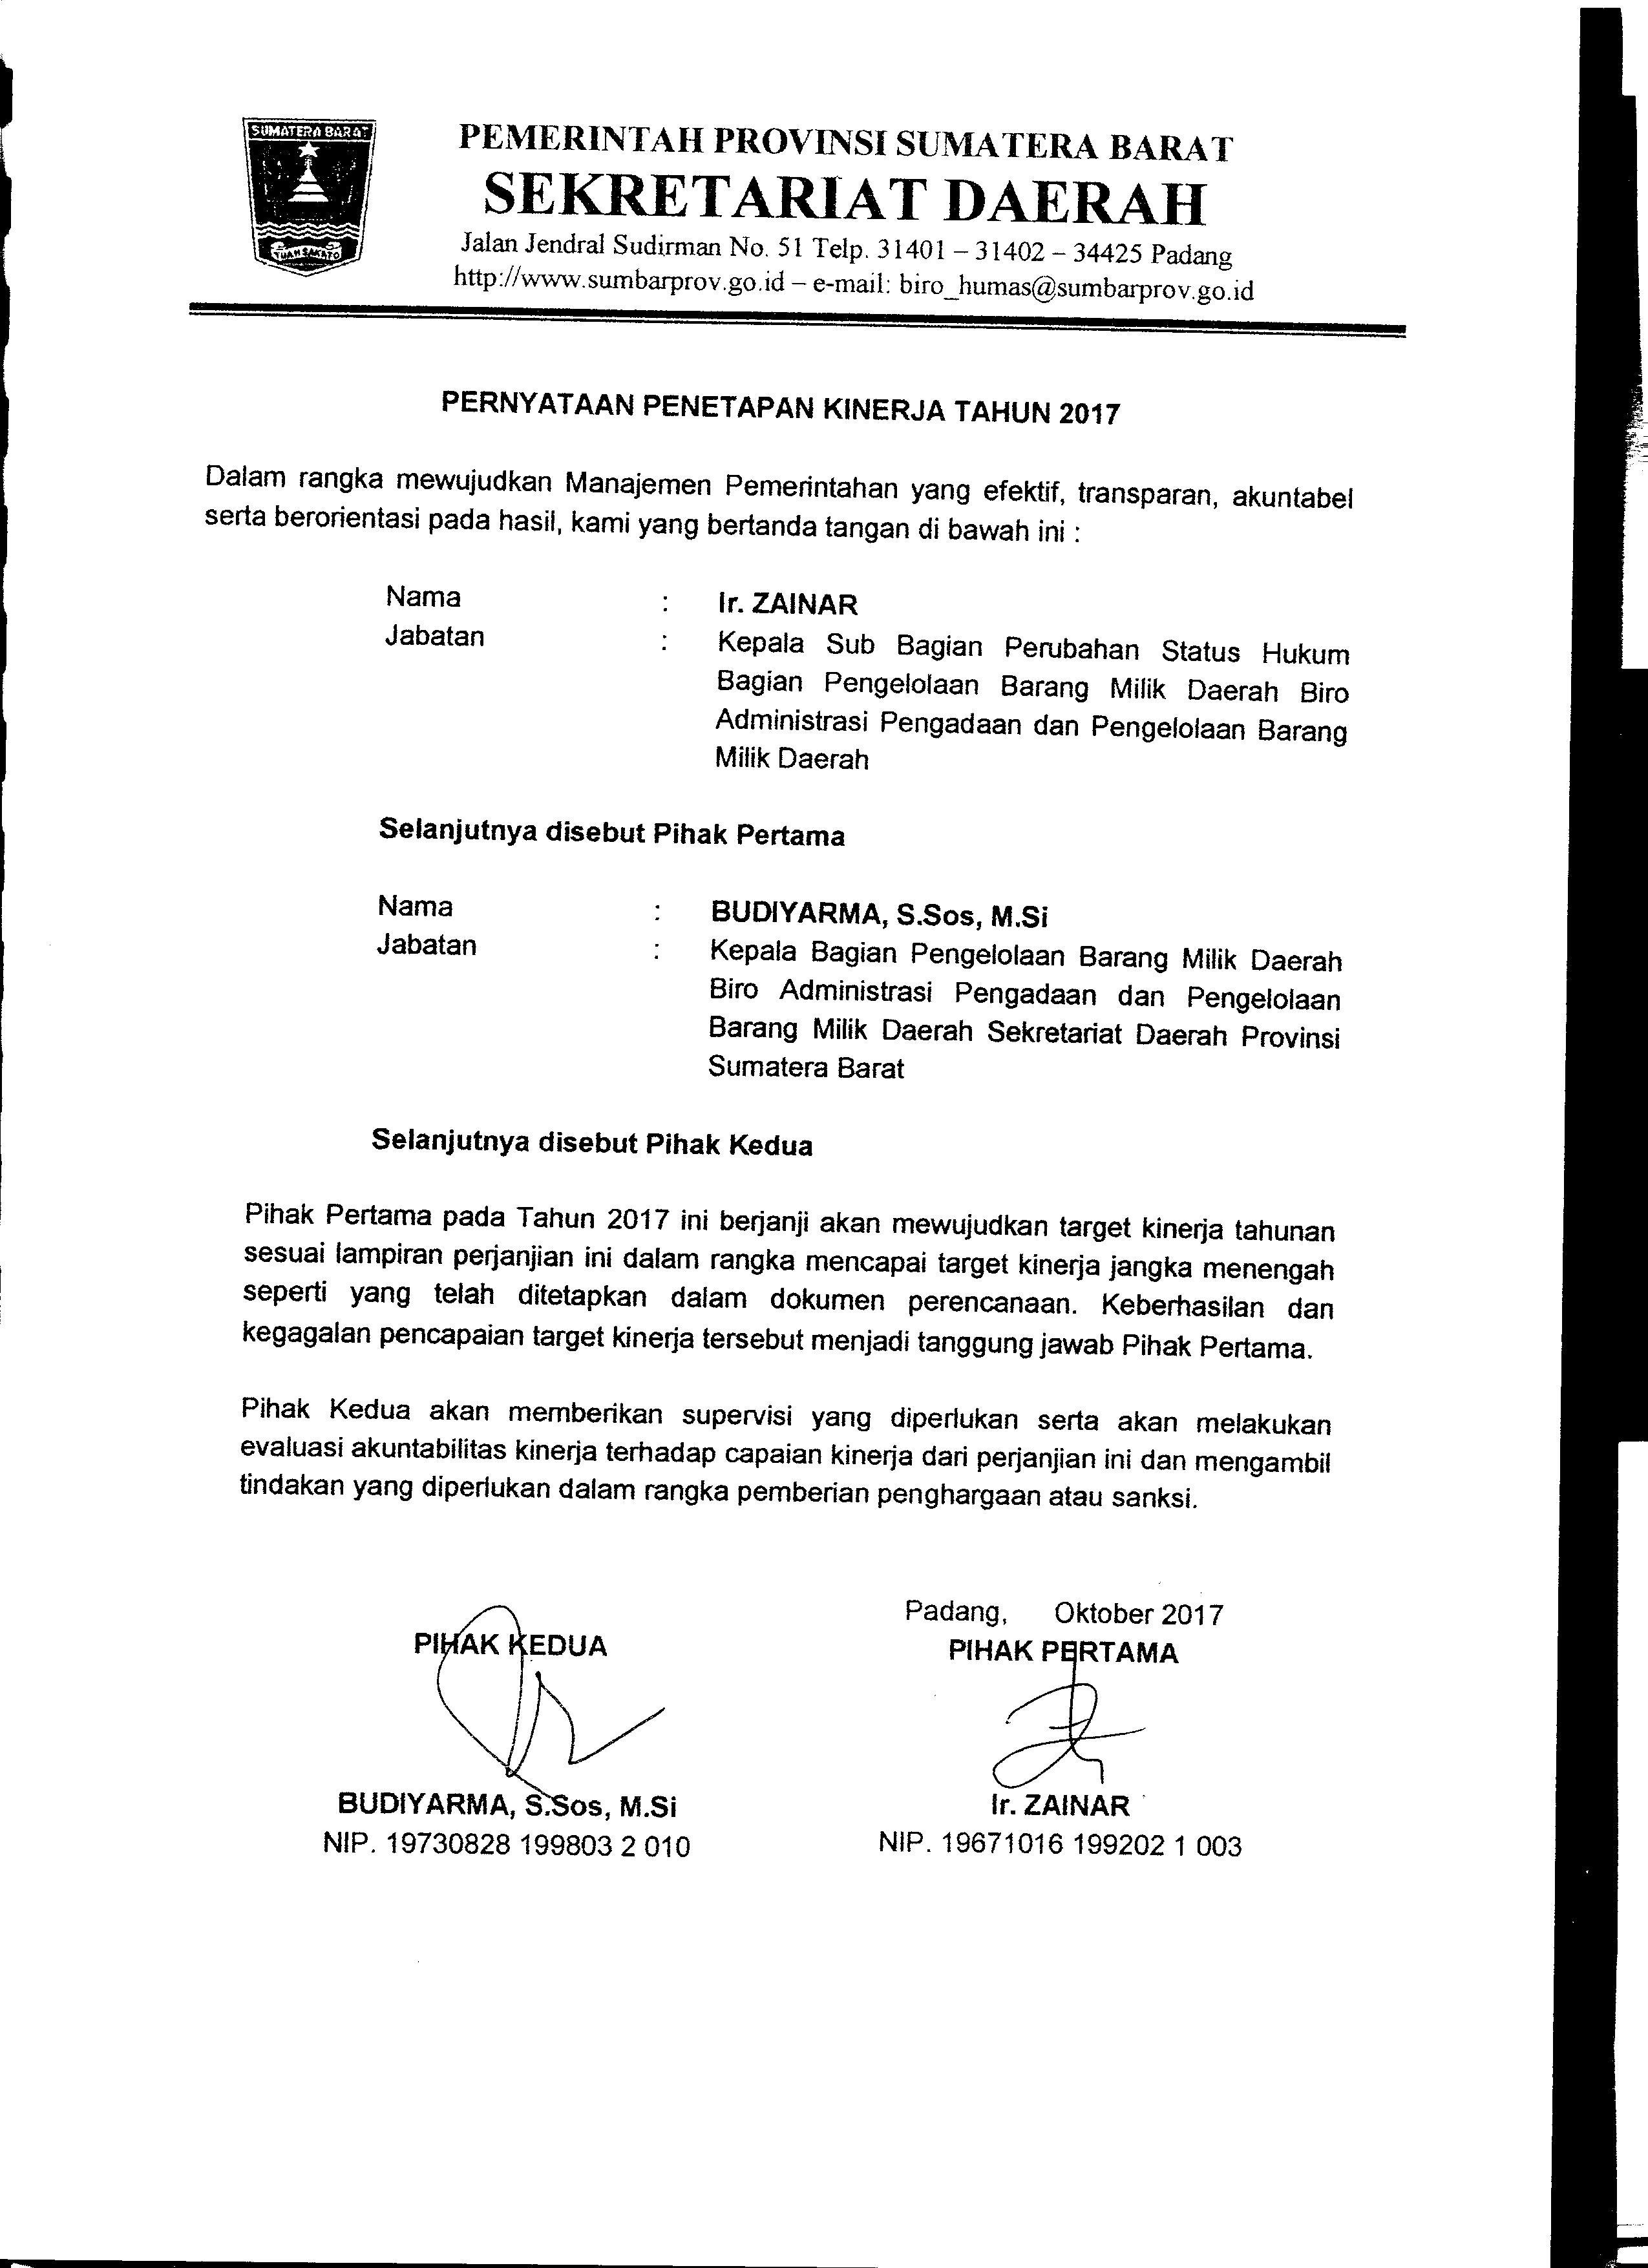 Perjanjian Kinerja Kasubag Perubahan Status Hukum Biro AP2BMD Tahun 2017